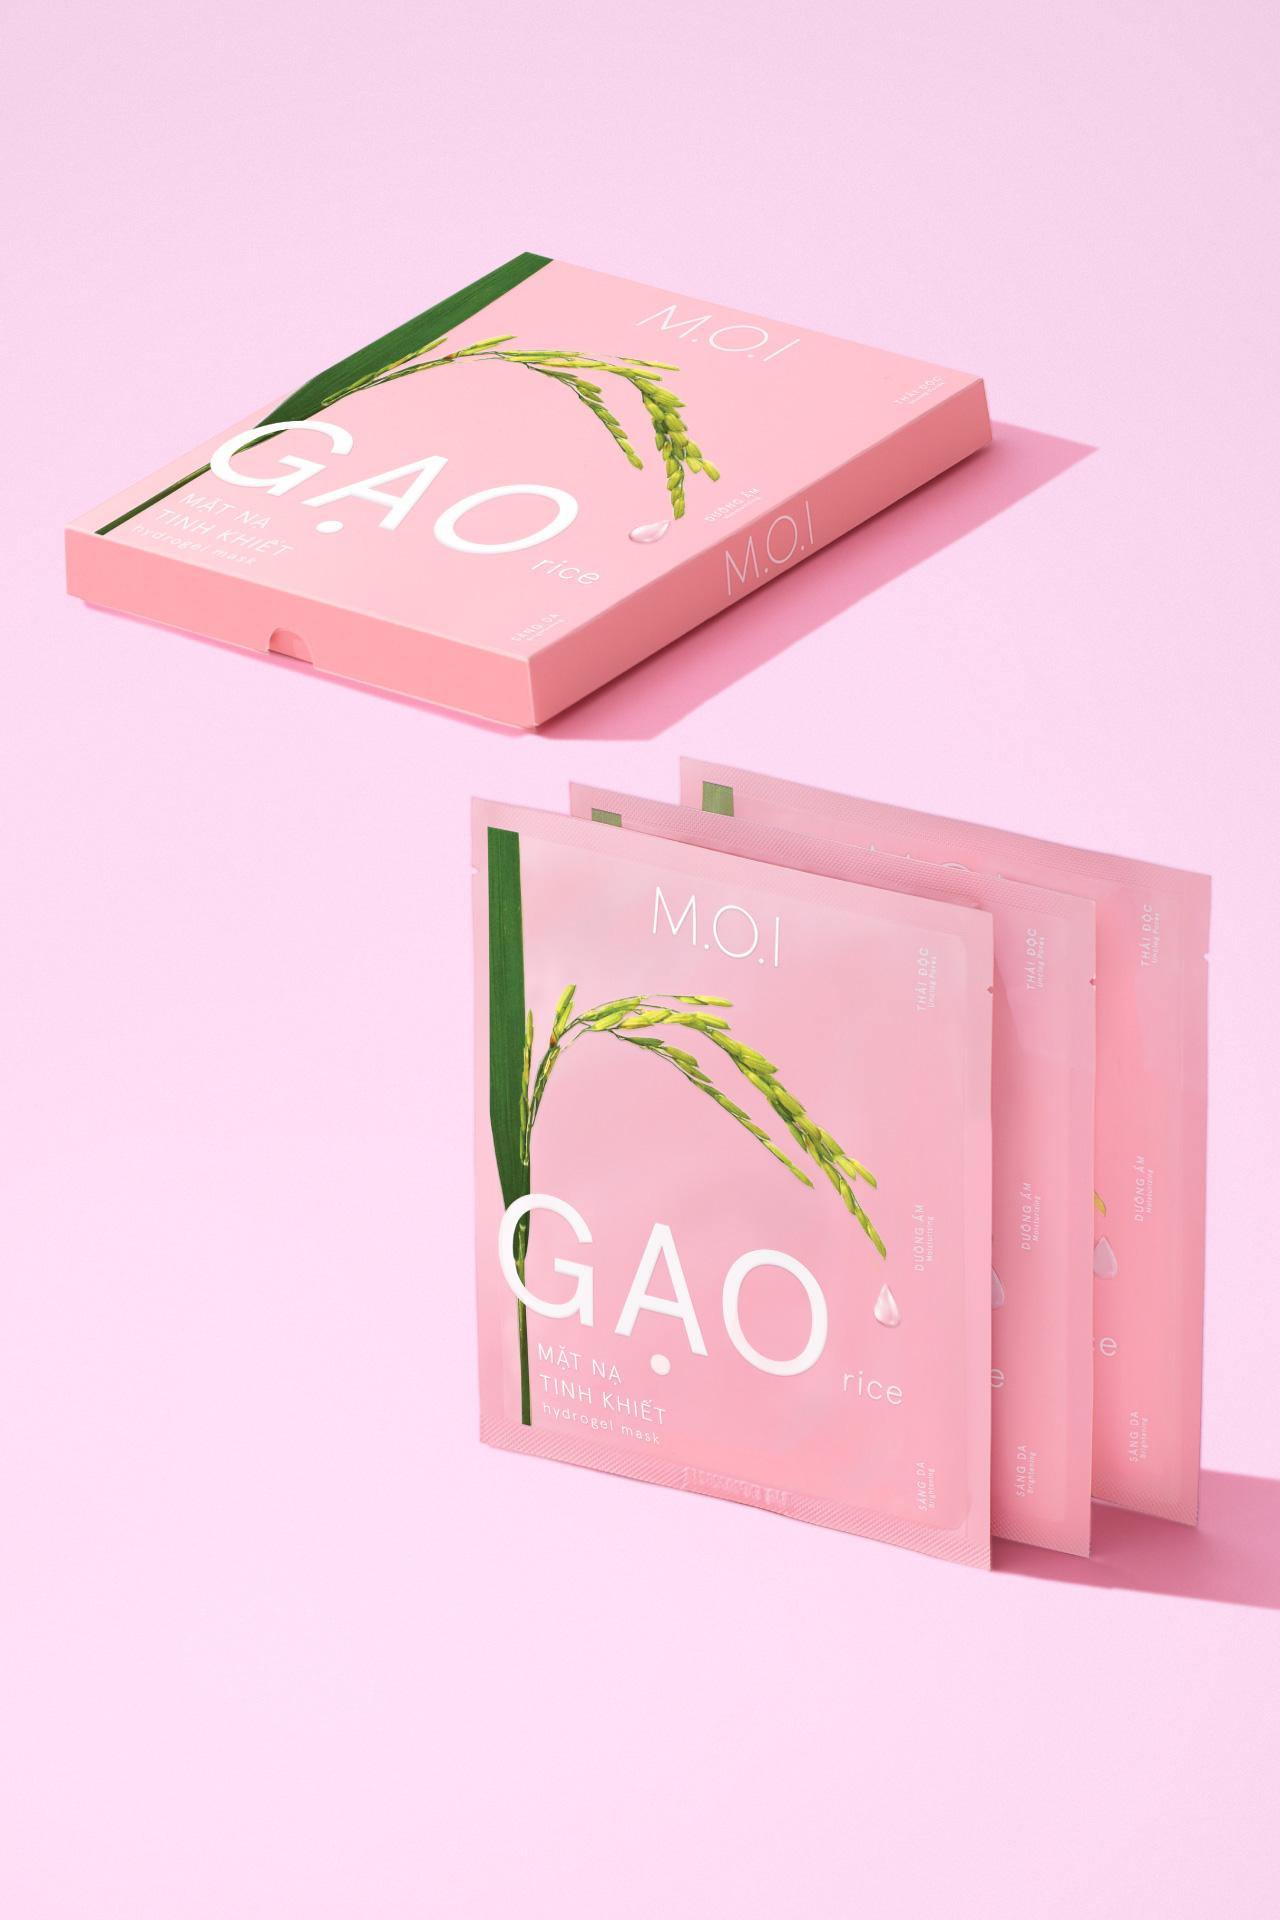 Ơn giời M.O.I Cosmetics cuối cùng cũng đã chịu ra mắt sản phẩm skincare, lấy lòng các tín đồ vì da nào dùng cũng hợp - Ảnh 7.